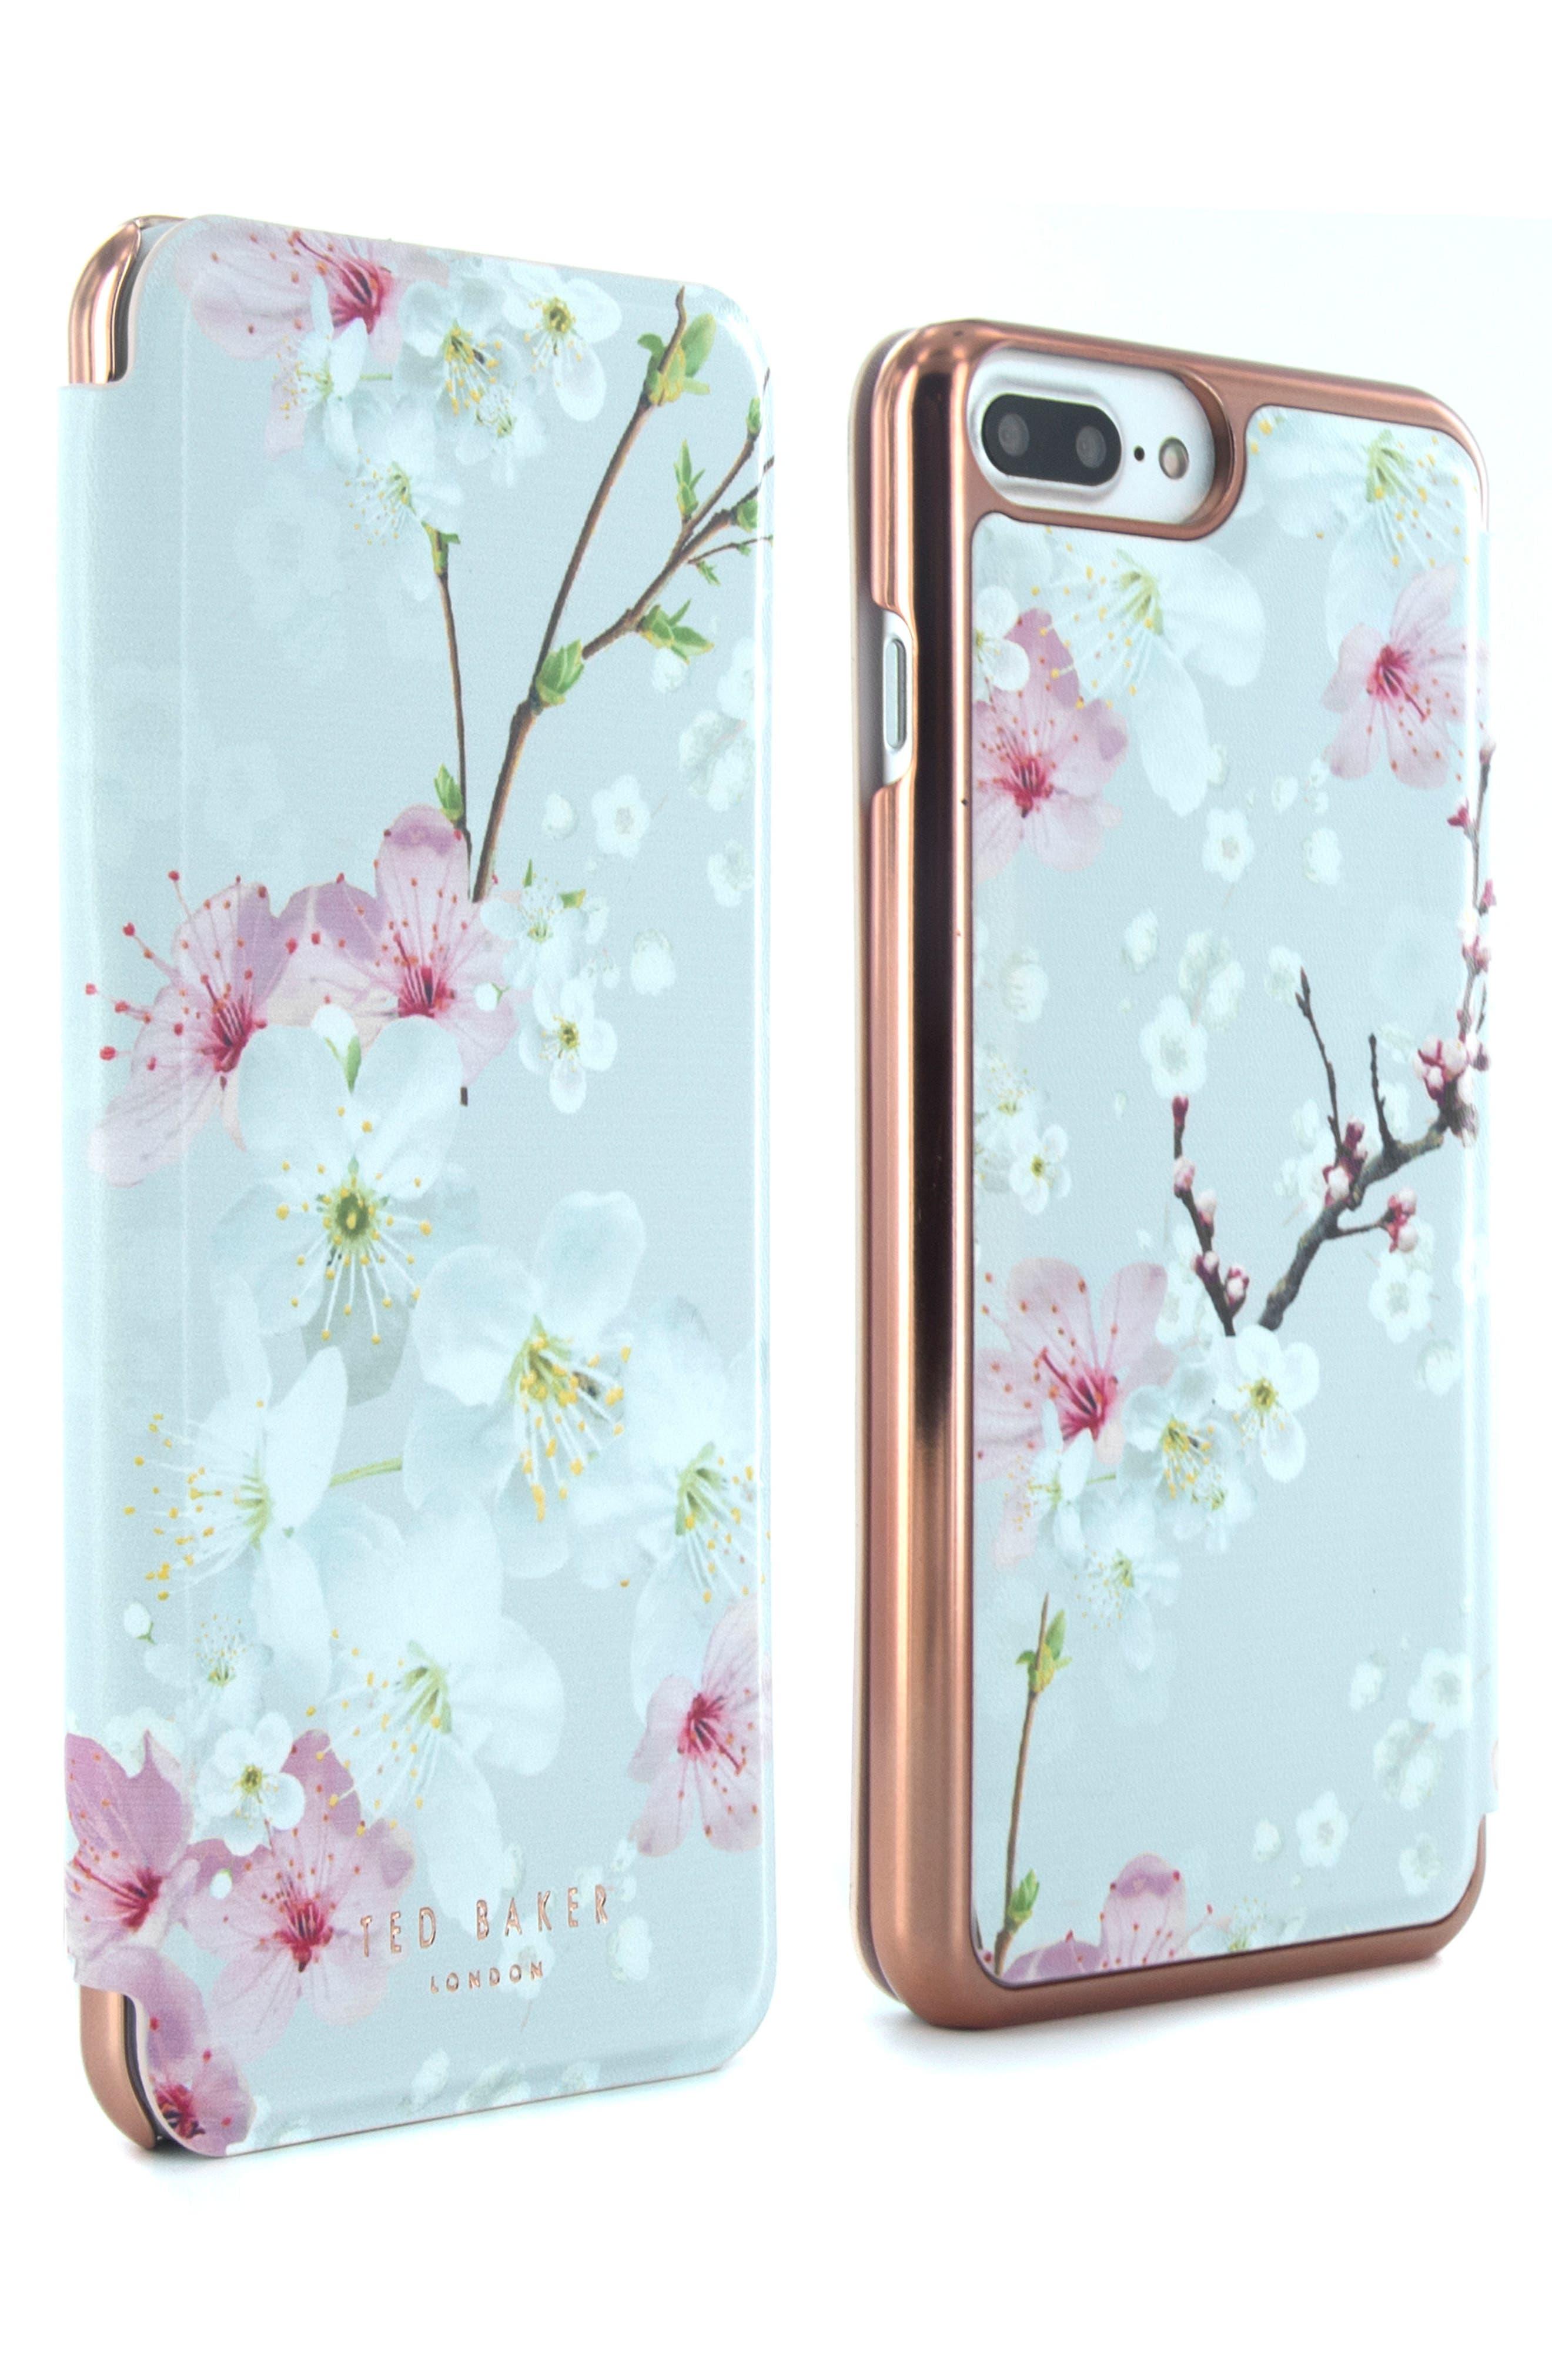 Mirror iPhone 6/6s/7/8 Plus Folio Case,                             Main thumbnail 1, color,                             650